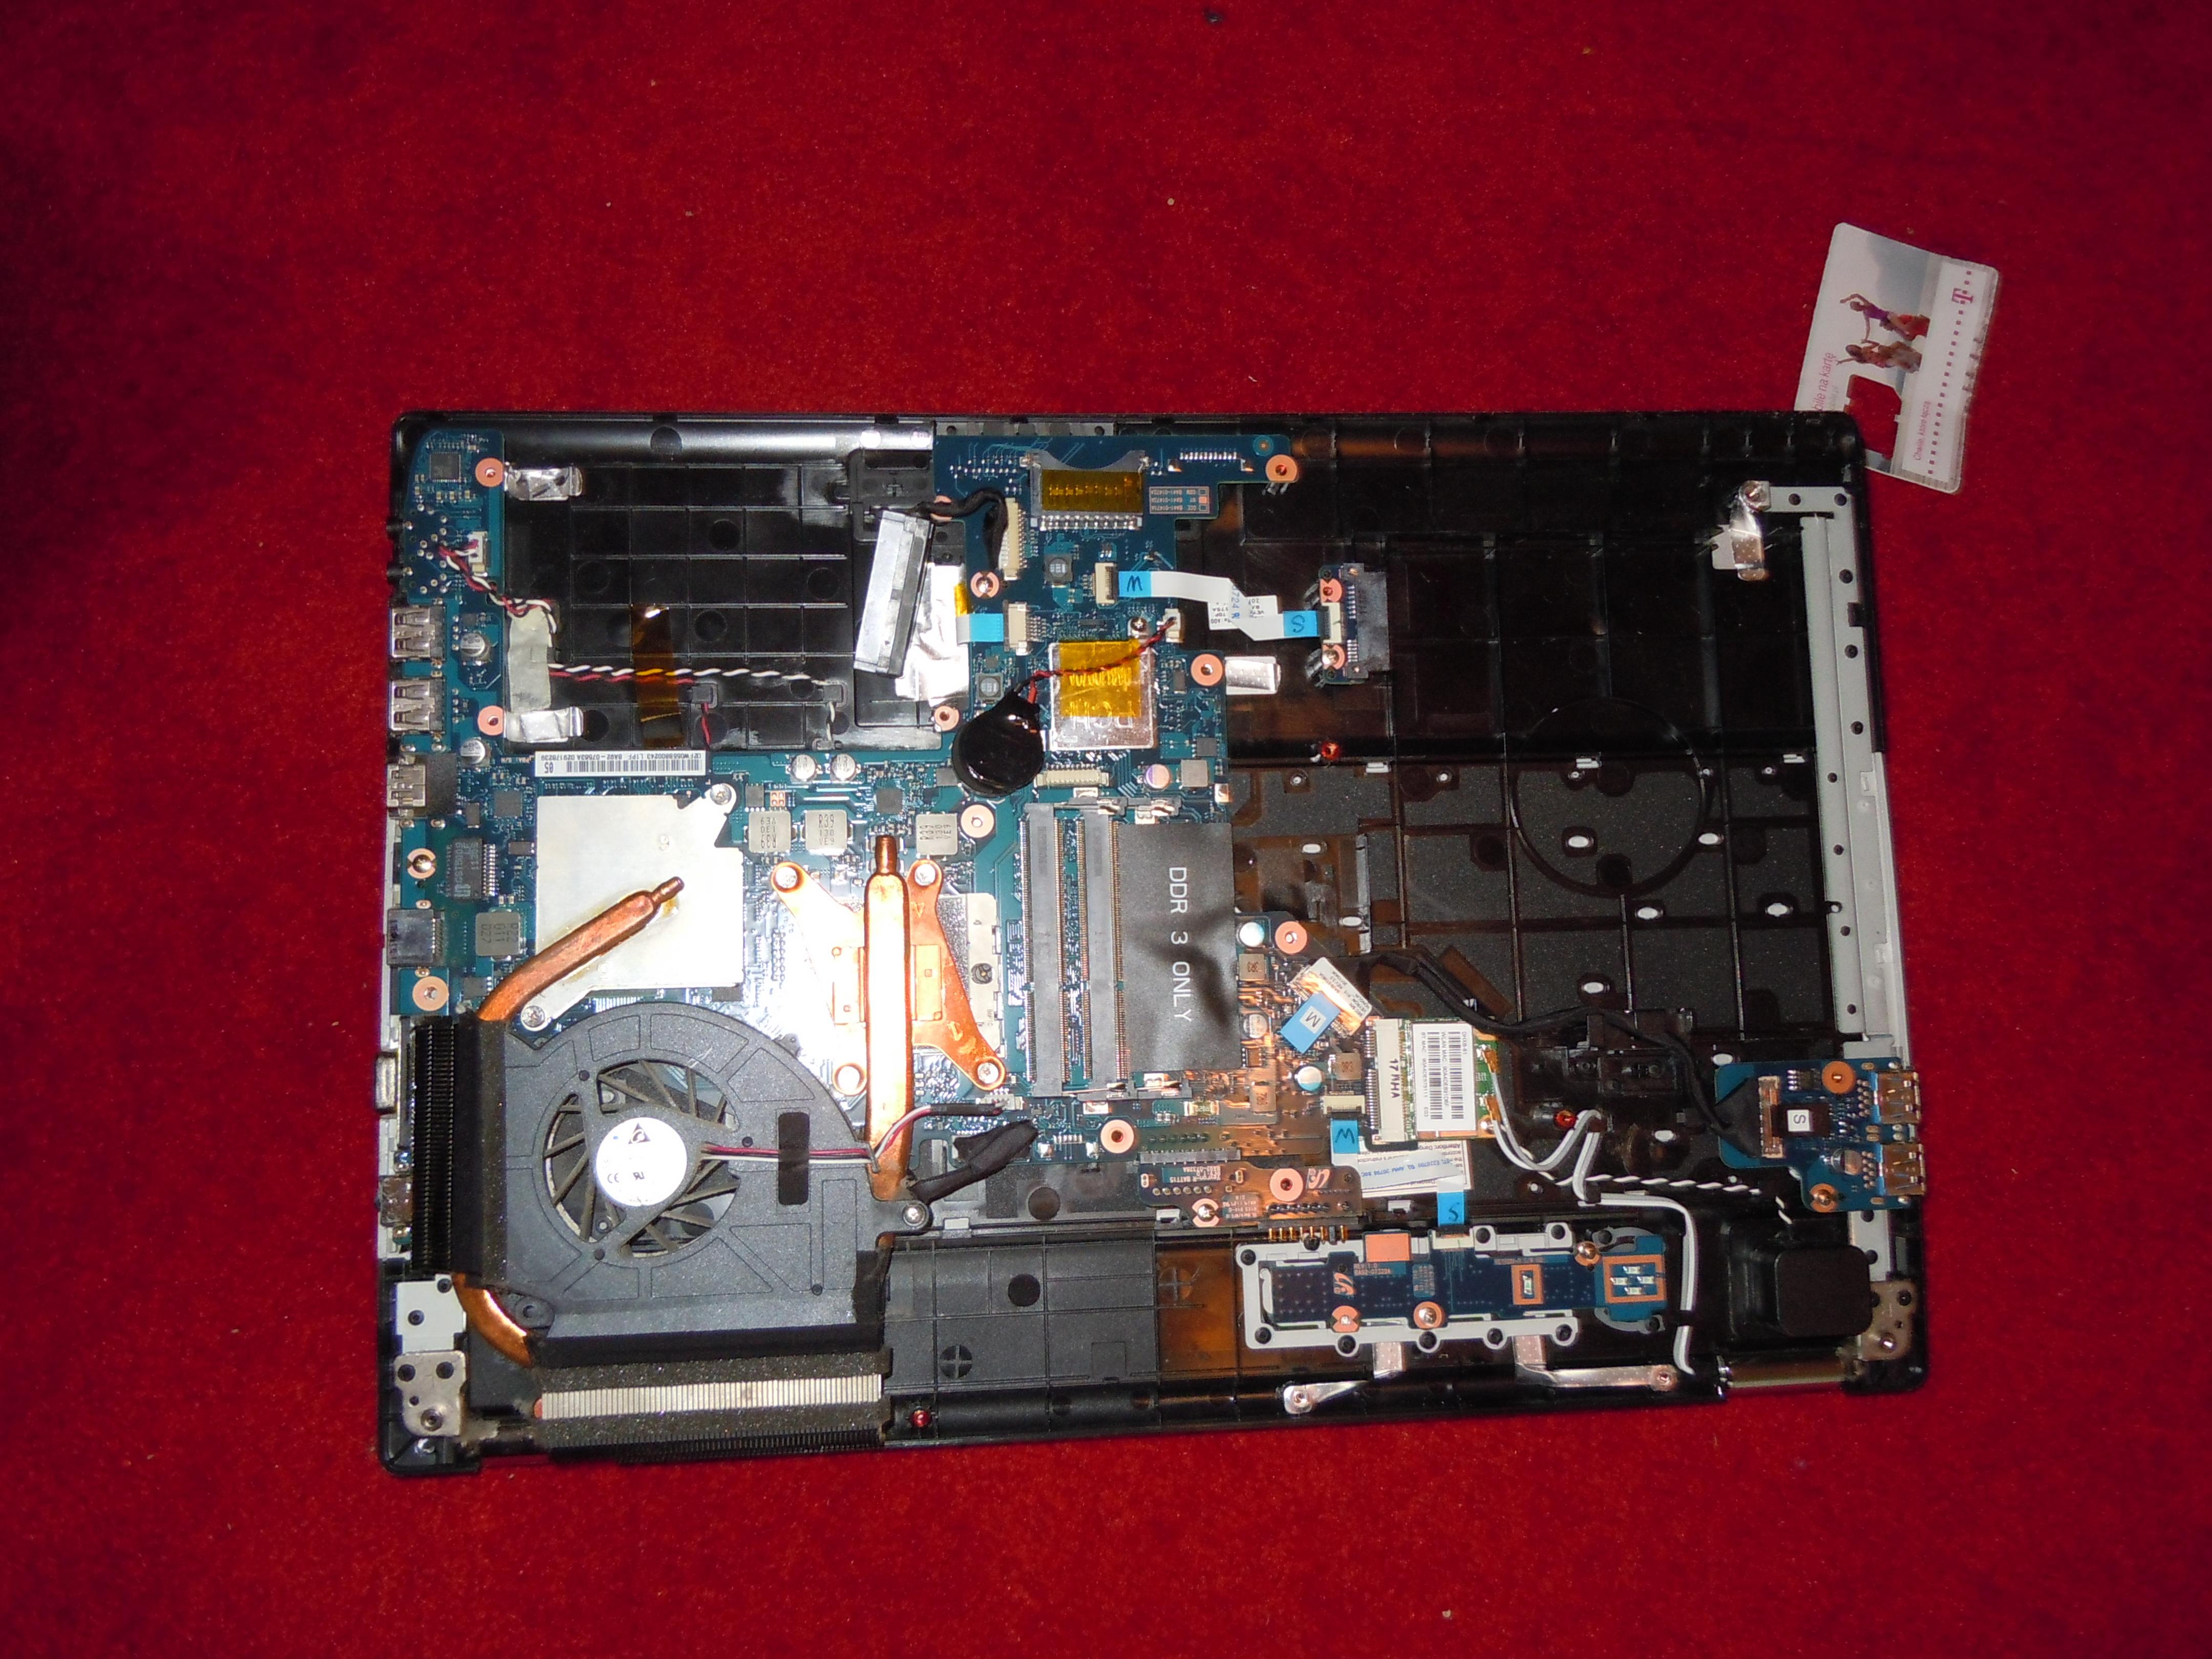 Samsung Rf511 sp06pl - Laptop si� przegrzewa mimo czyszczenia i wymiany pasty